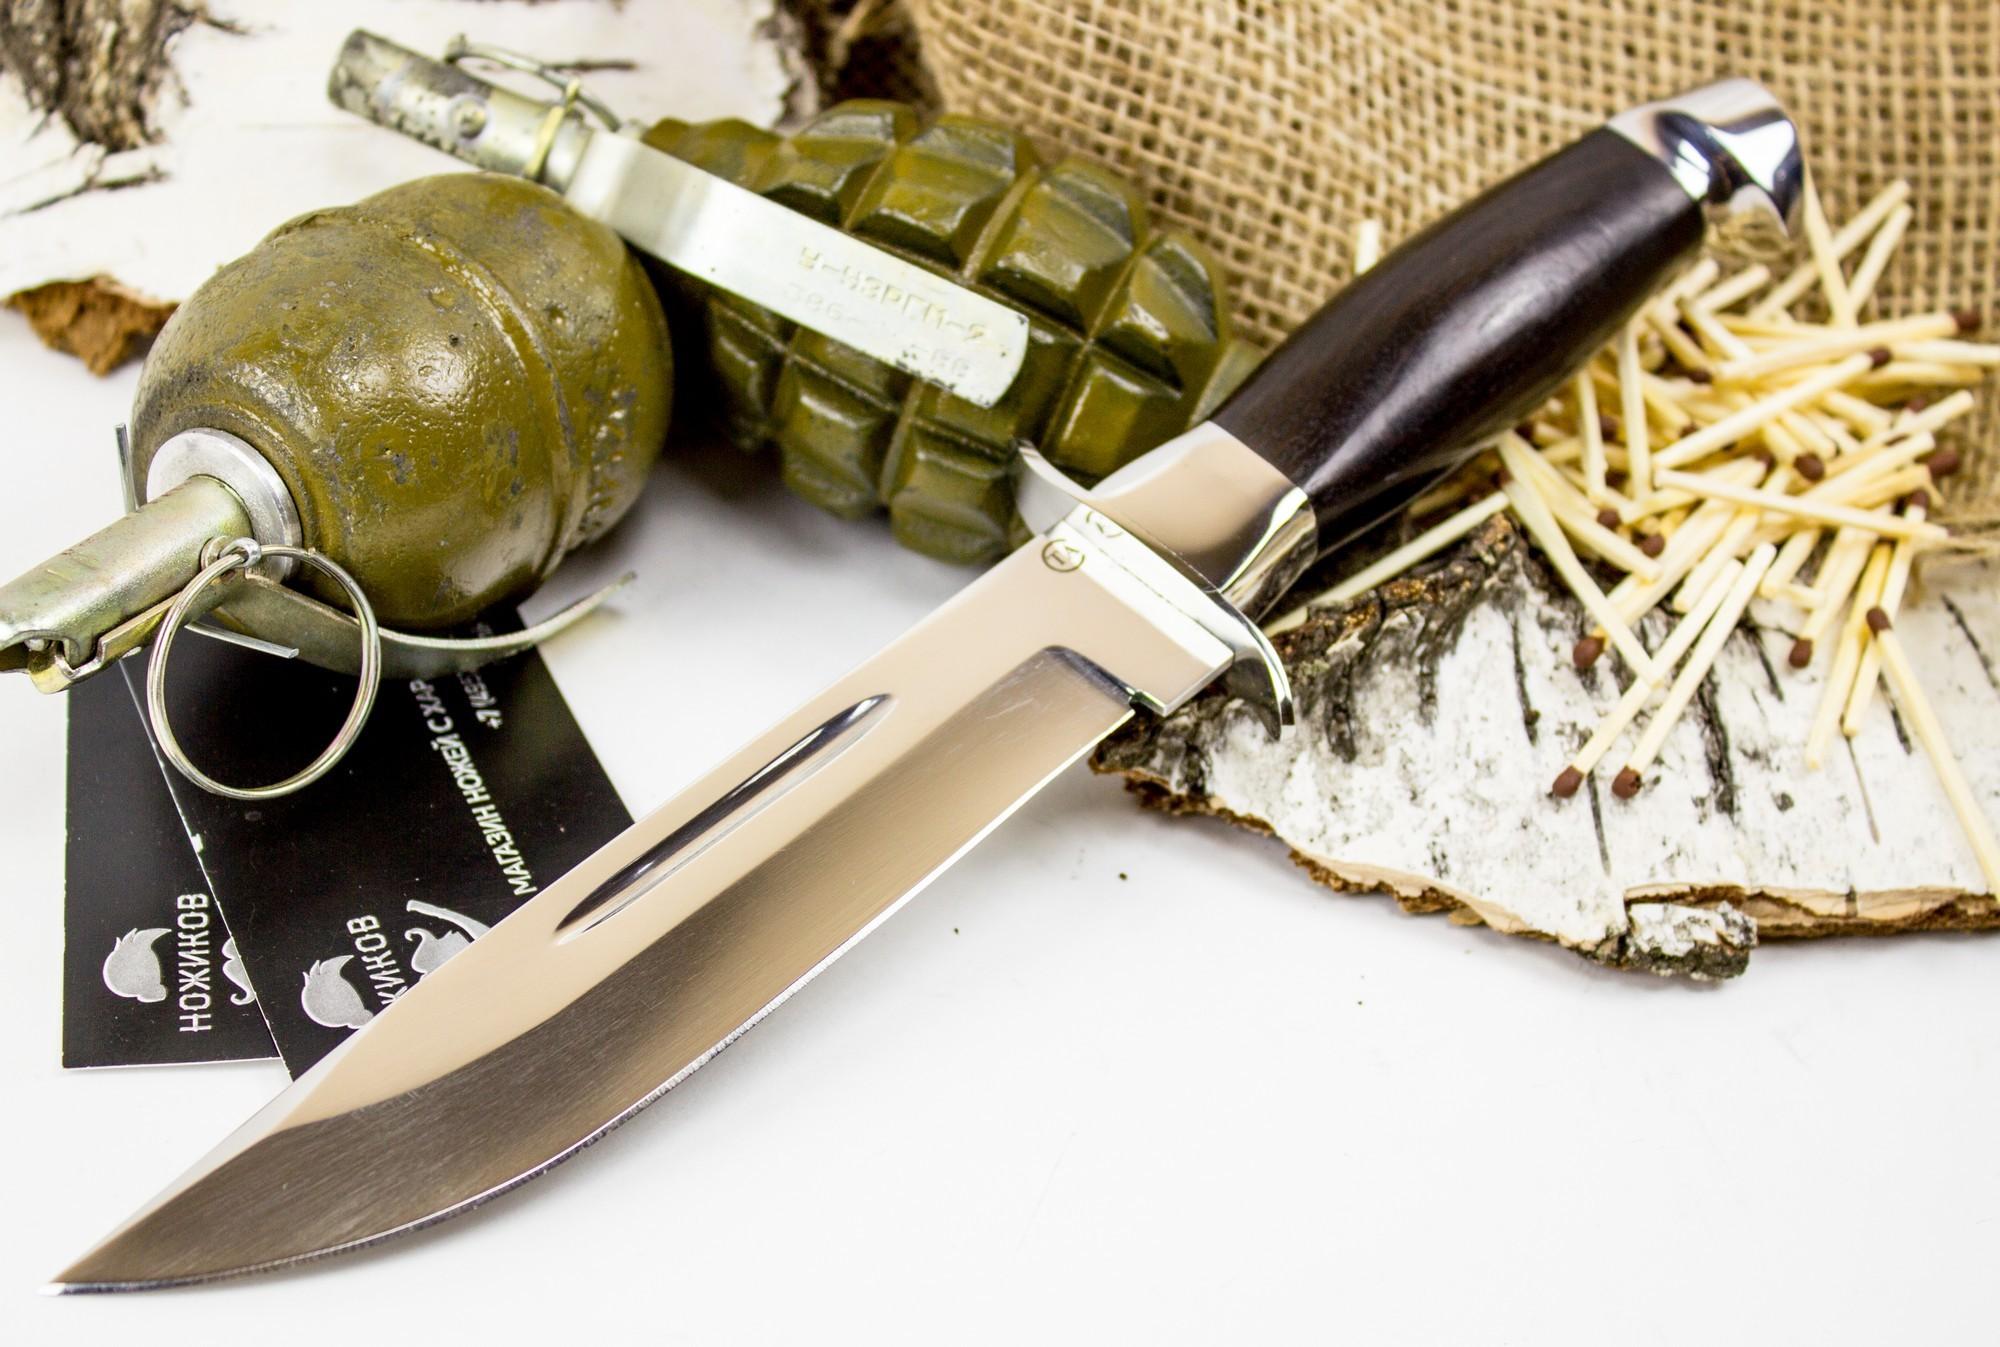 Фото 5 - Нож Макс, сталь 95х18, граб от Титов и Солдатова